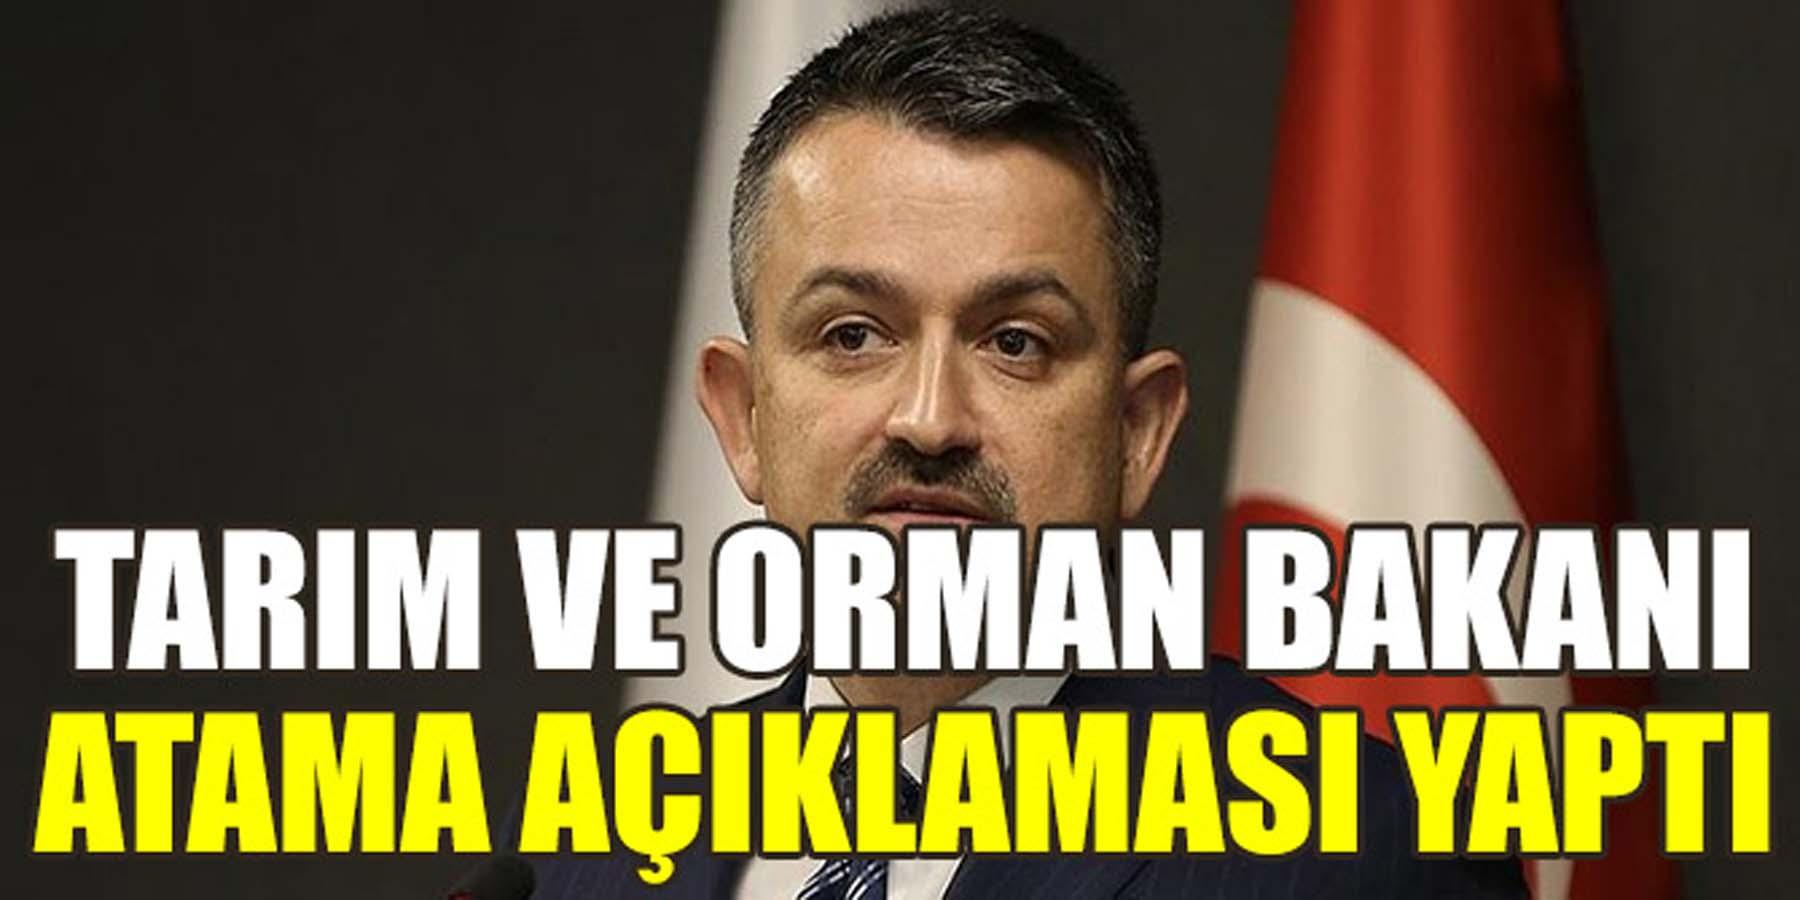 Tarım ve Orman Bakanı Atama Açıklaması Yaptı